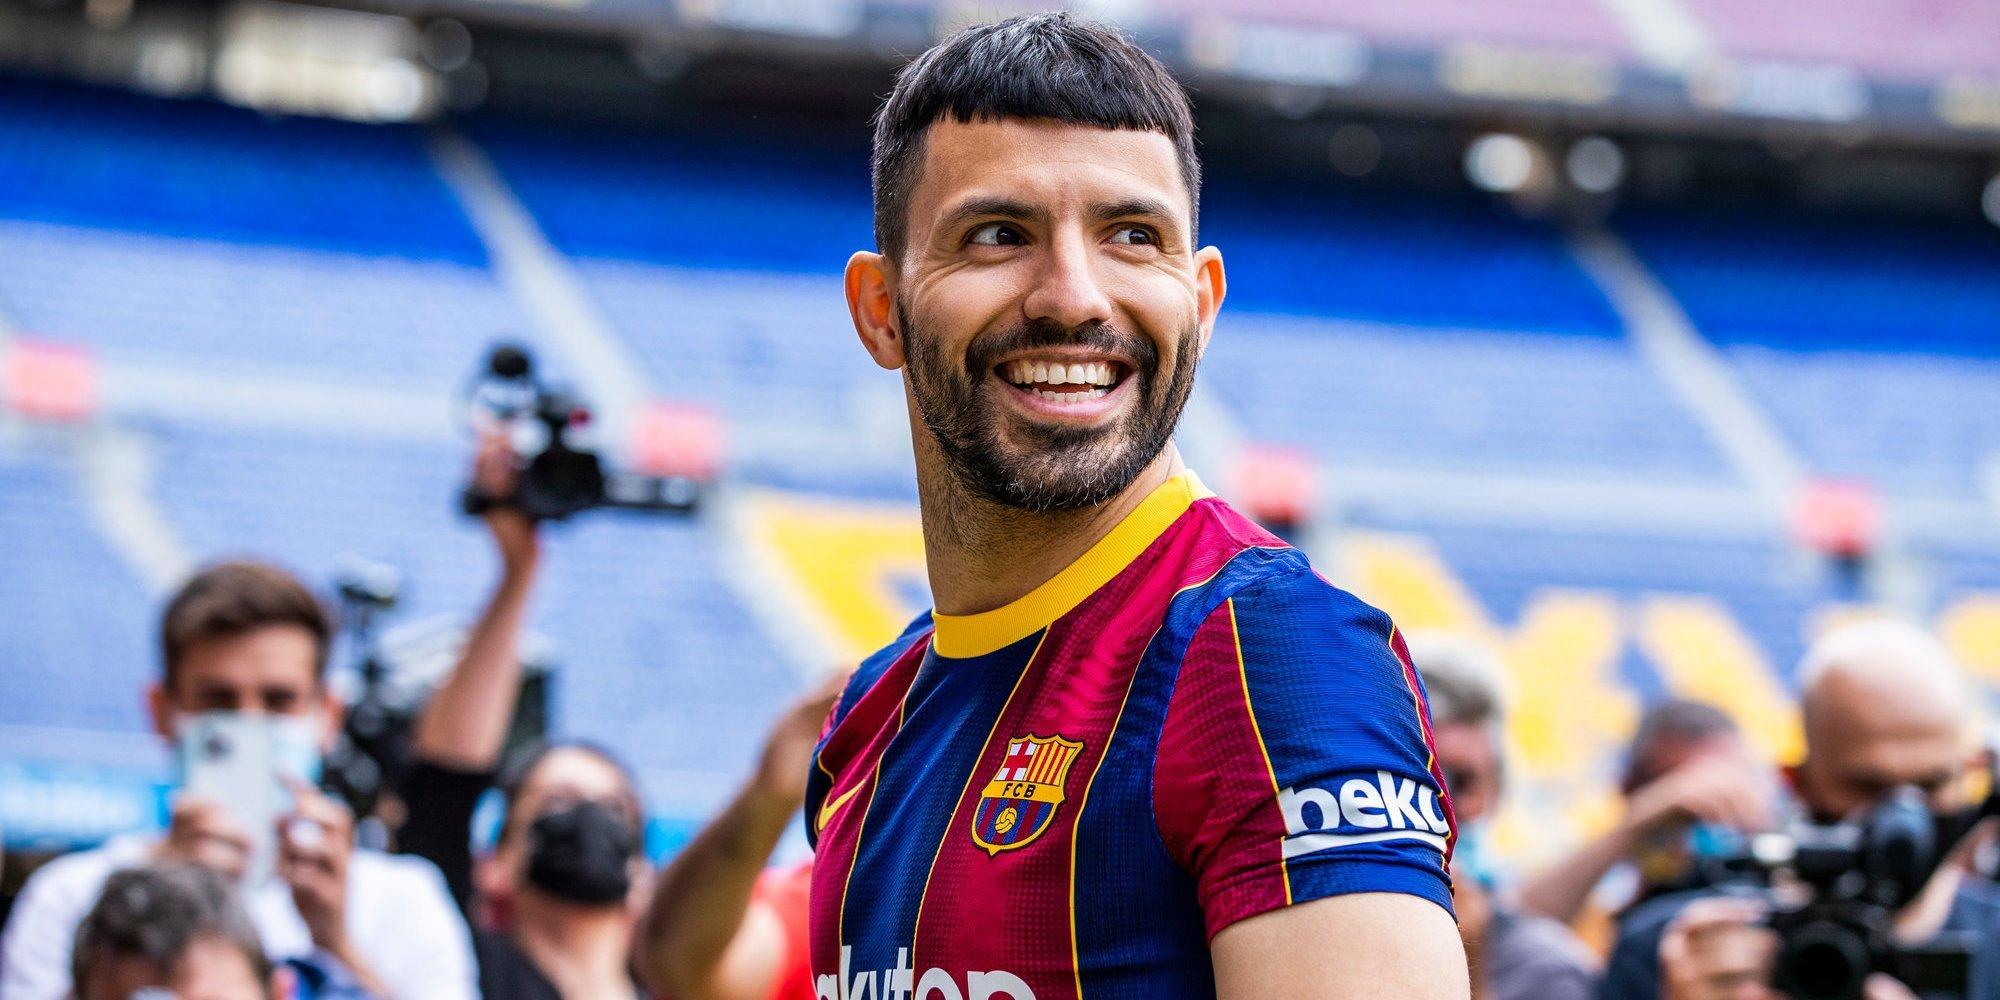 Серхио Агуэро: « Я разговаривал с Месси, и он ясно дал понять, что снова будет жить в Барселоне»